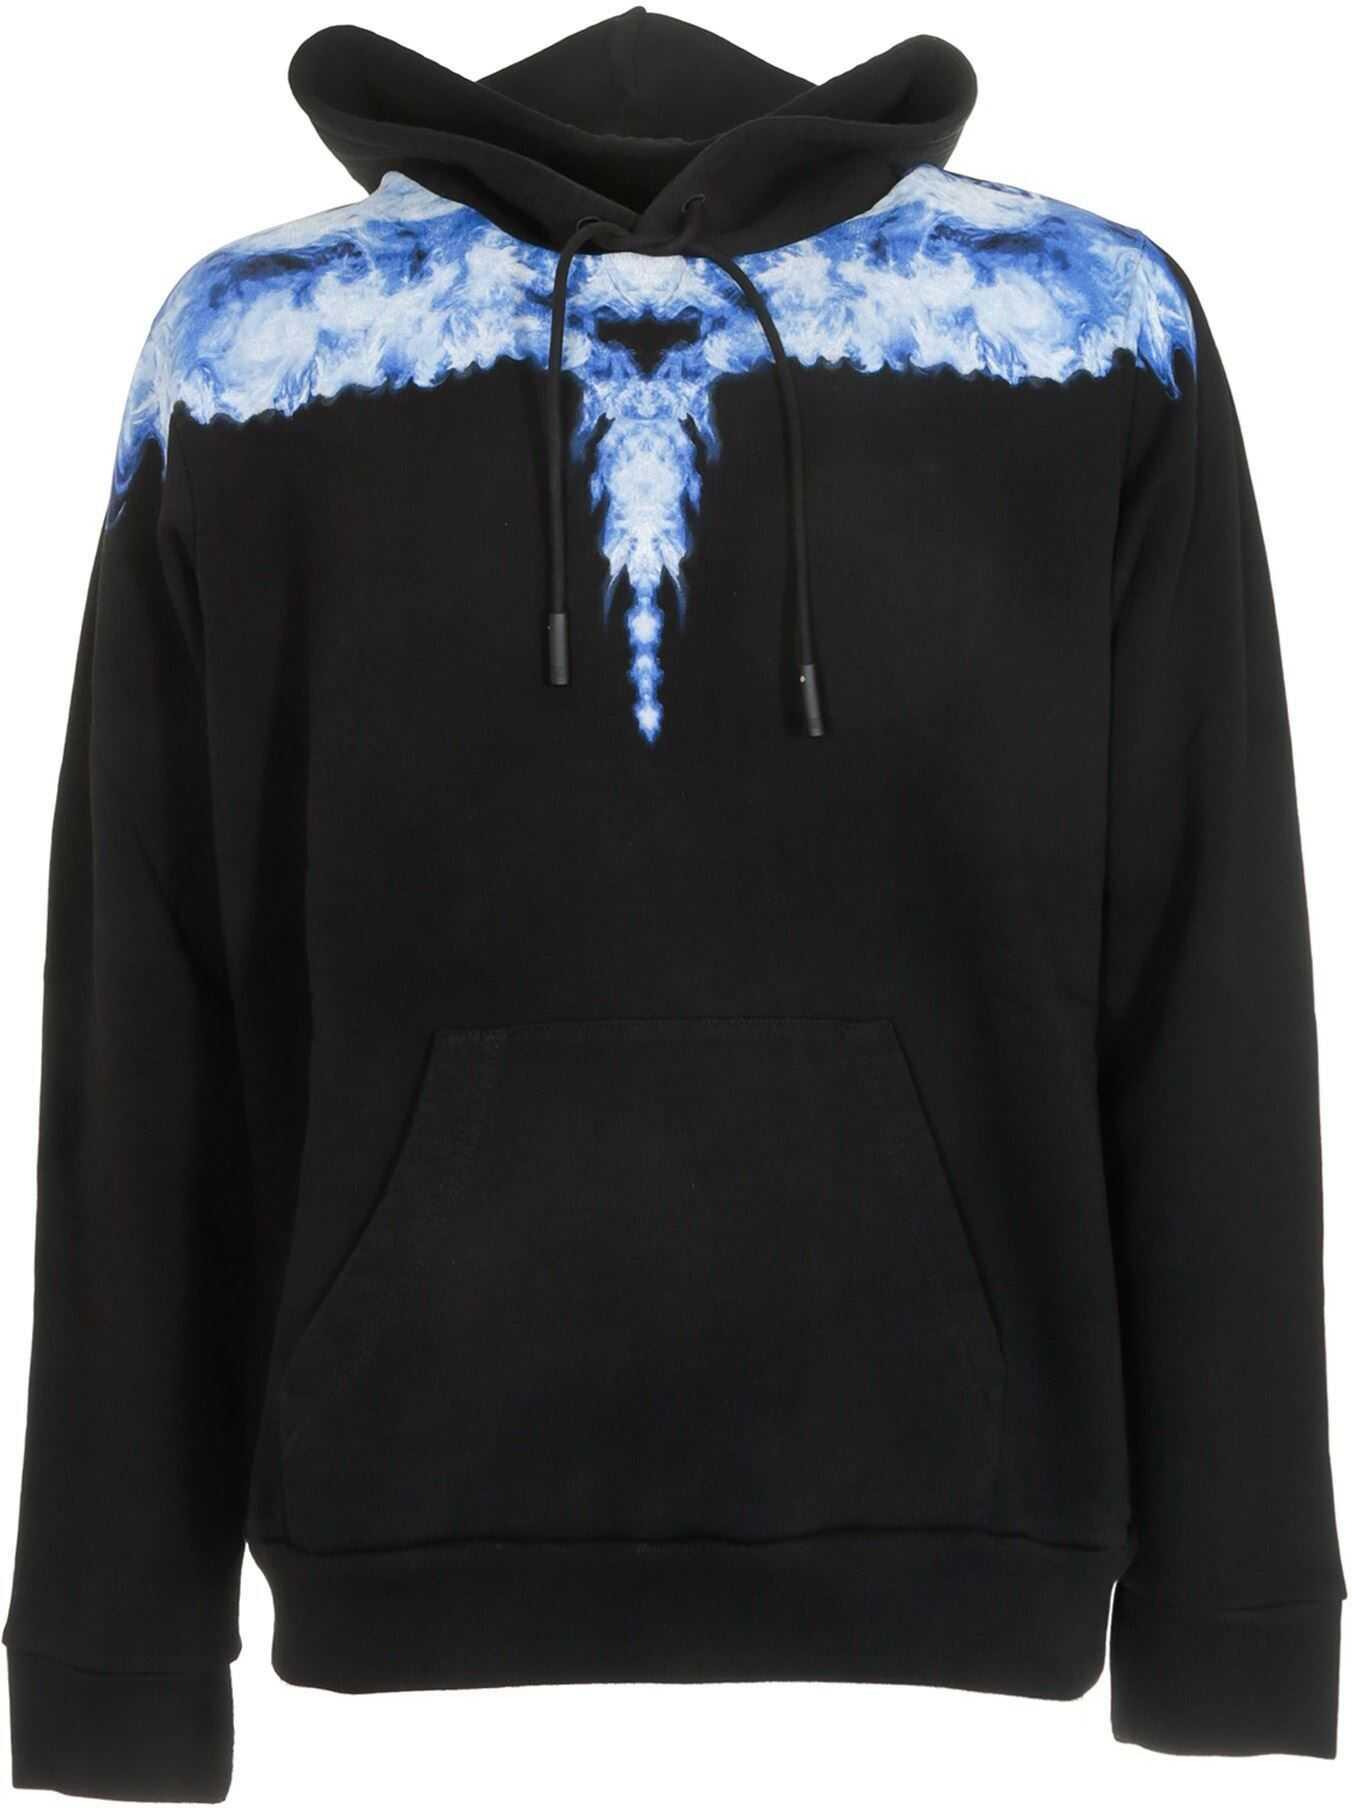 Marcelo Burlon Smoke Wings Hoodie In Black And Blue Black imagine